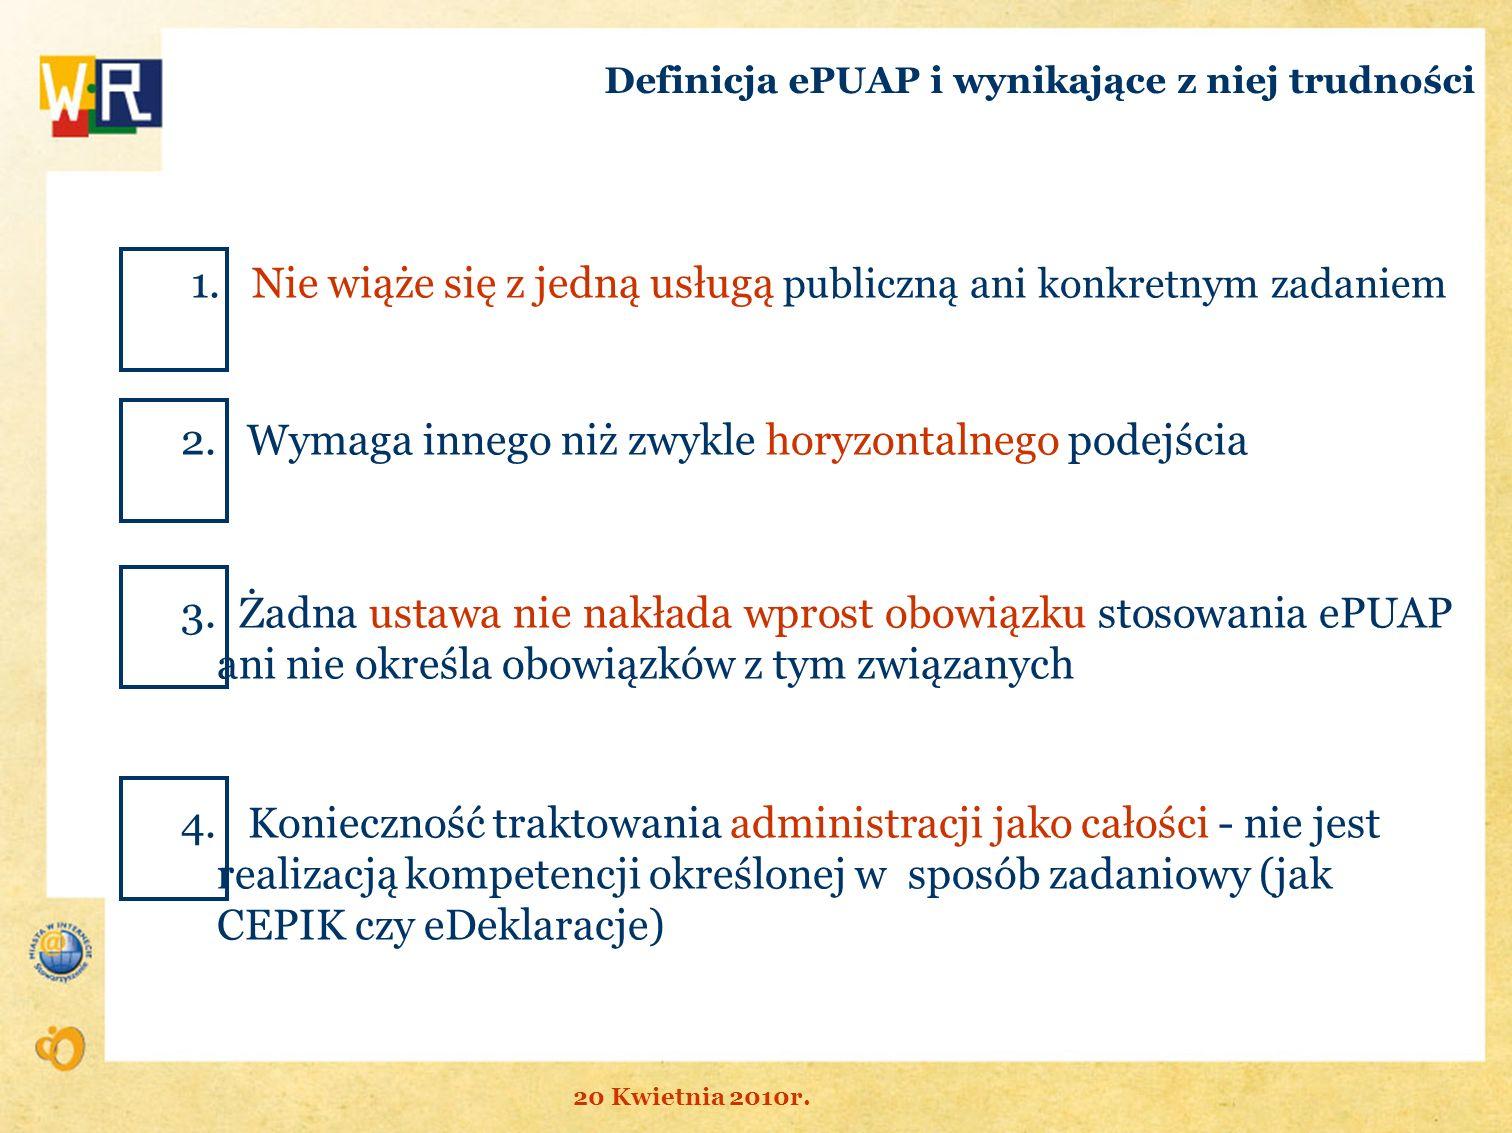 Definicja ePUAP i wynikające z niej trudności